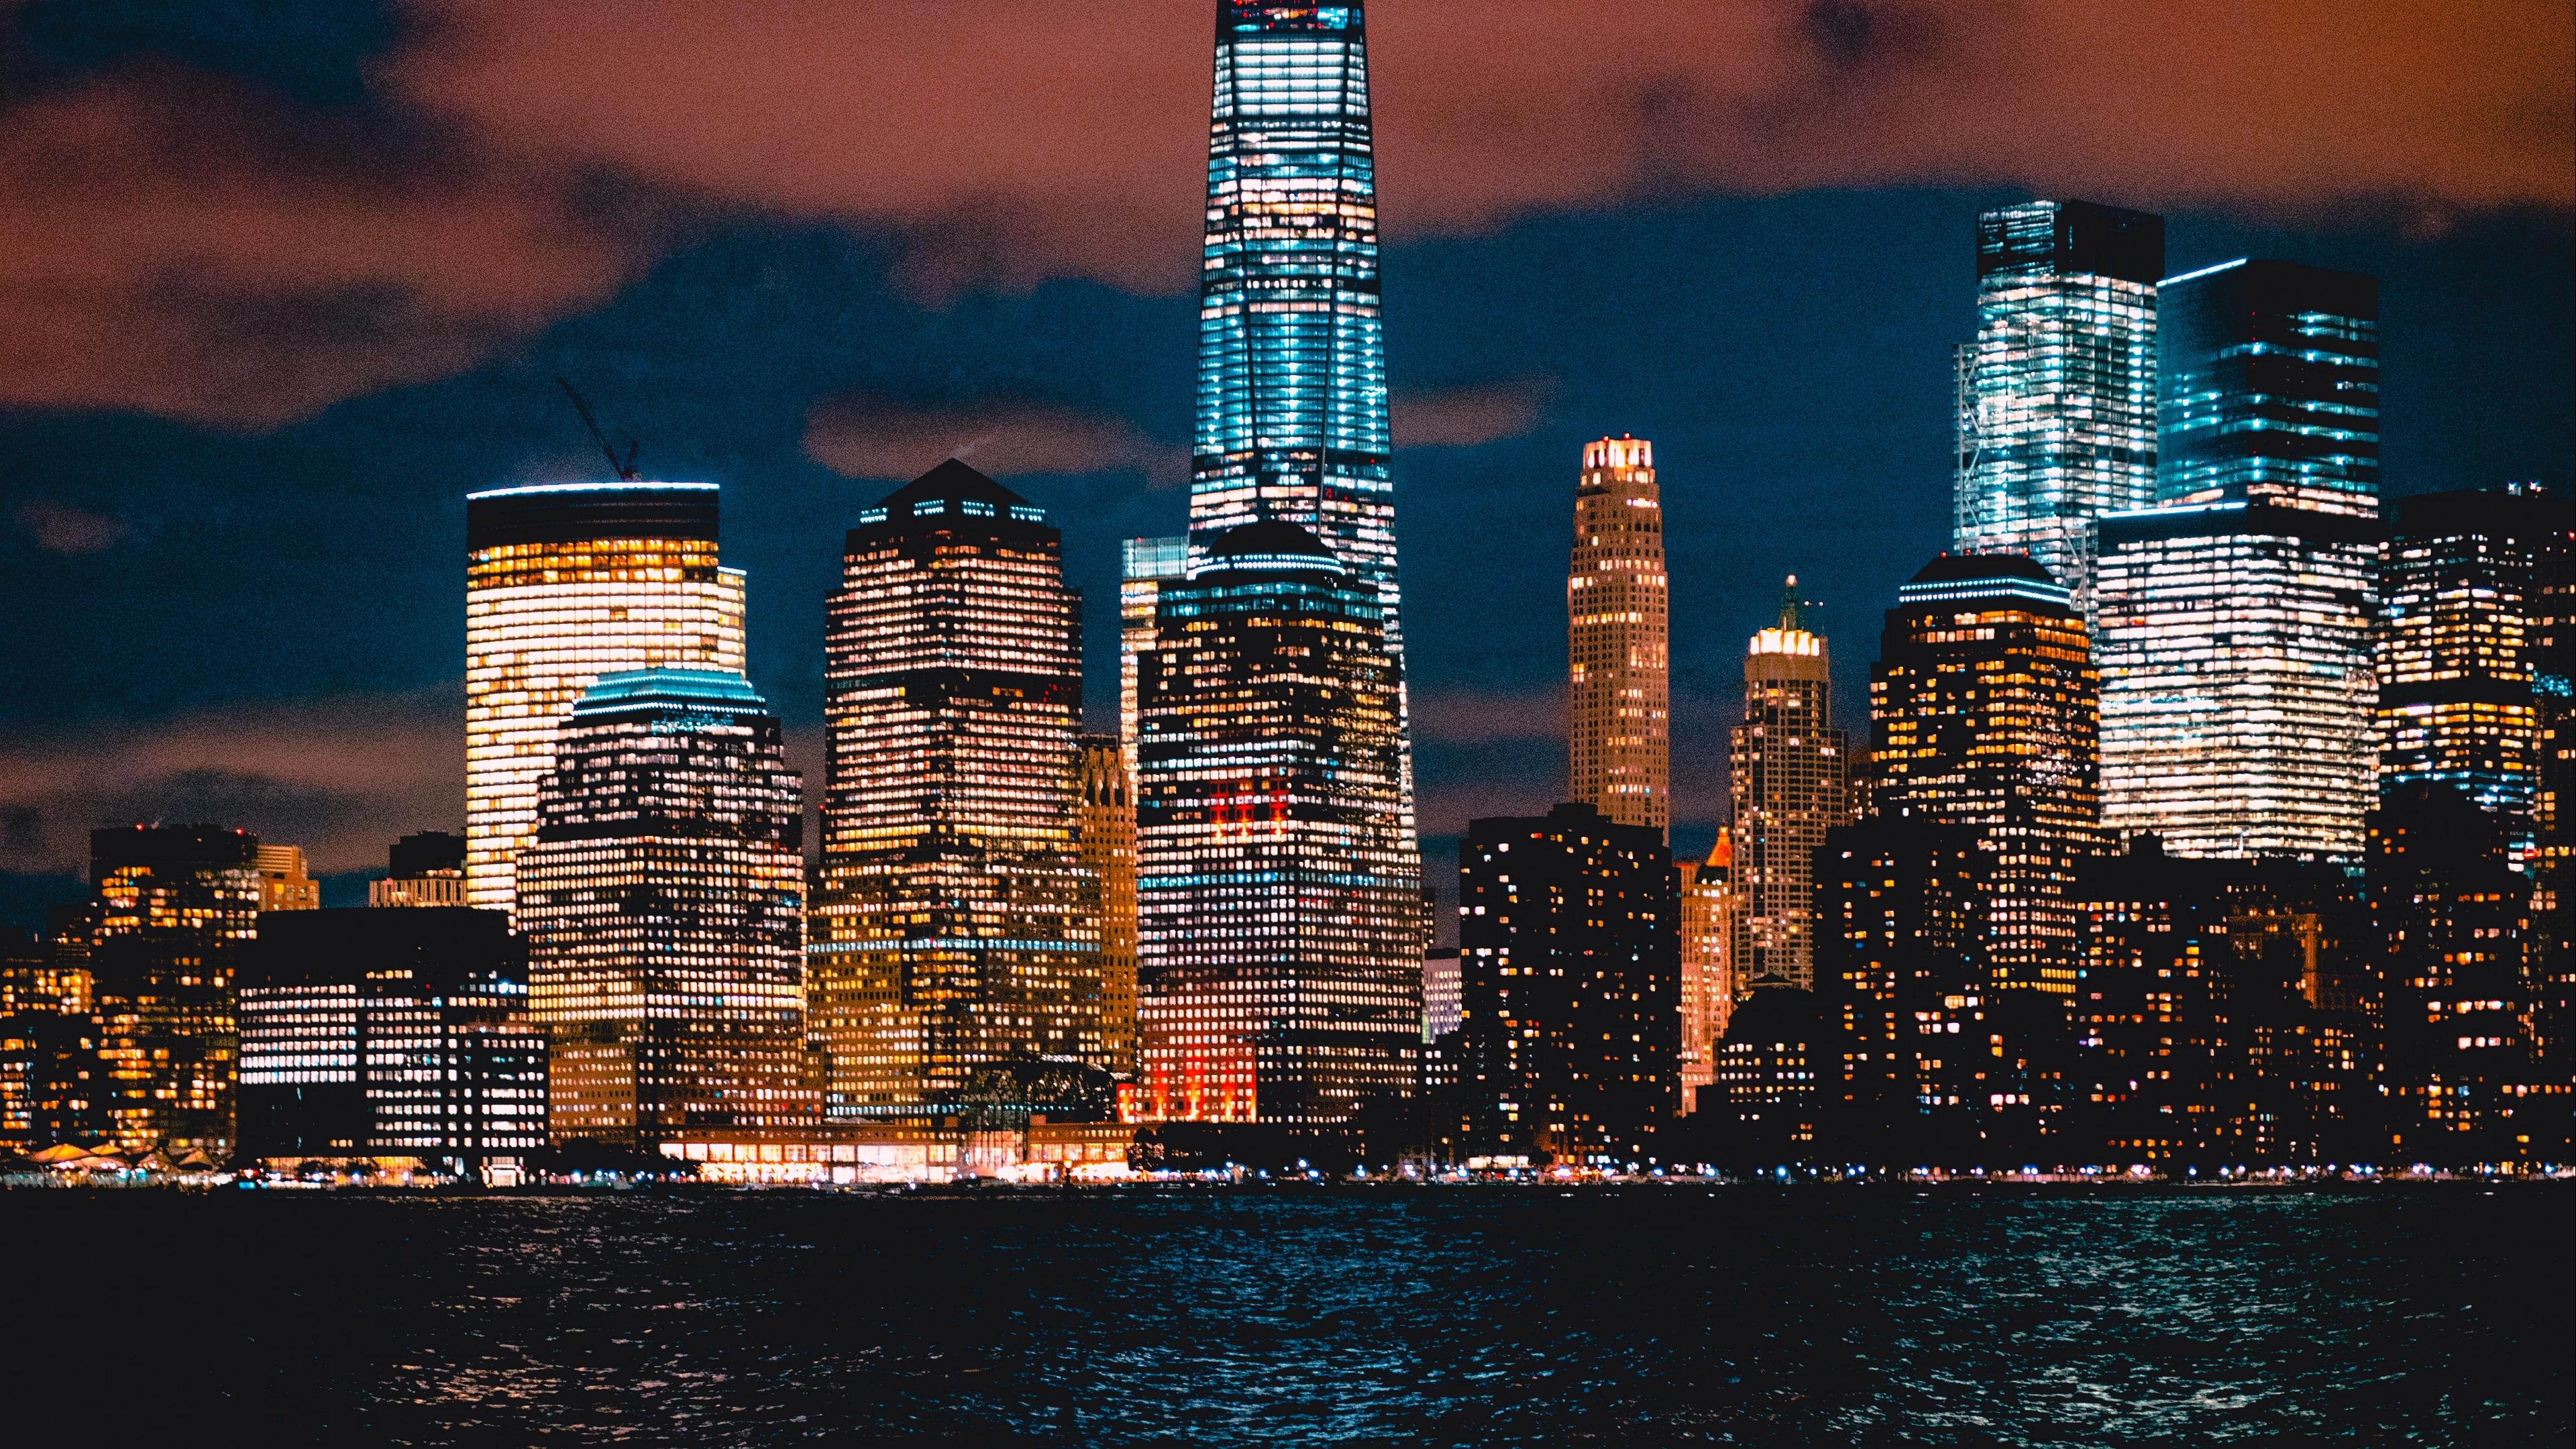 new york usa skyscrapers shore night 4k 1538065400 - new york, usa, skyscrapers, shore, night 4k - USA, Skyscrapers, new york